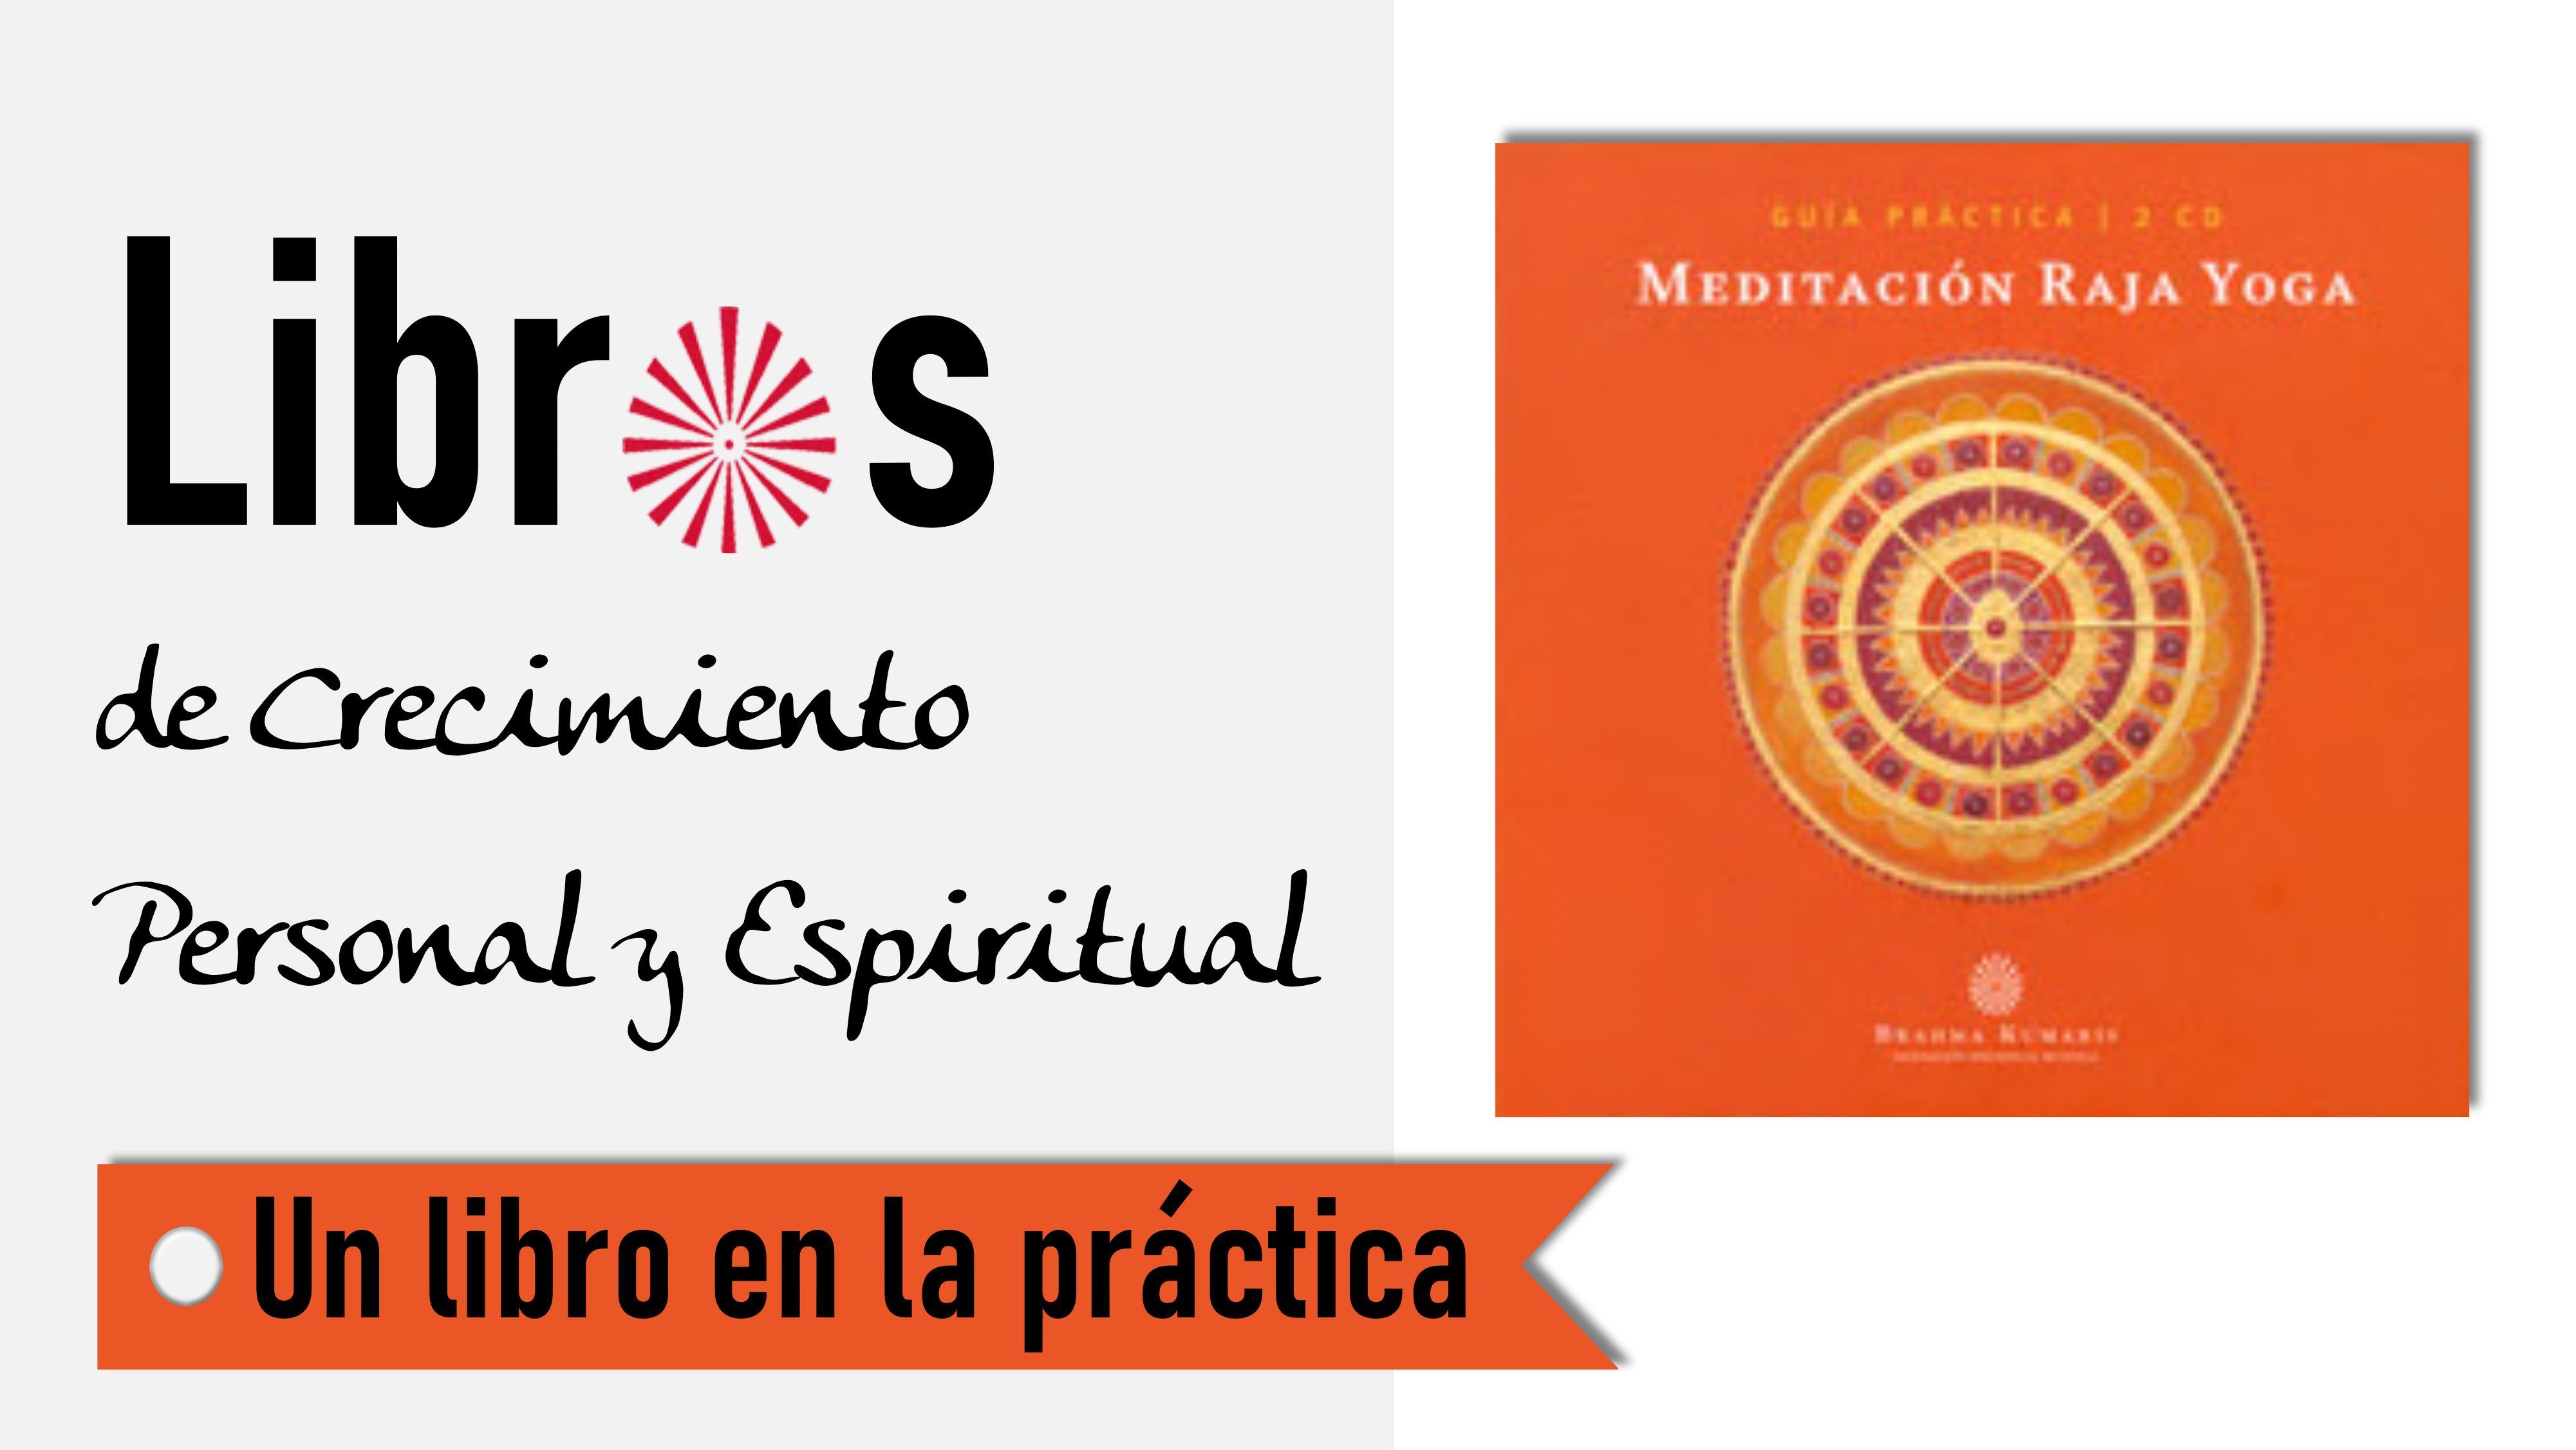 Un libro en la práctica: Guía práctica de Meditación Raja Yoga (6 Octubre 2020) On-line desde Barcelona